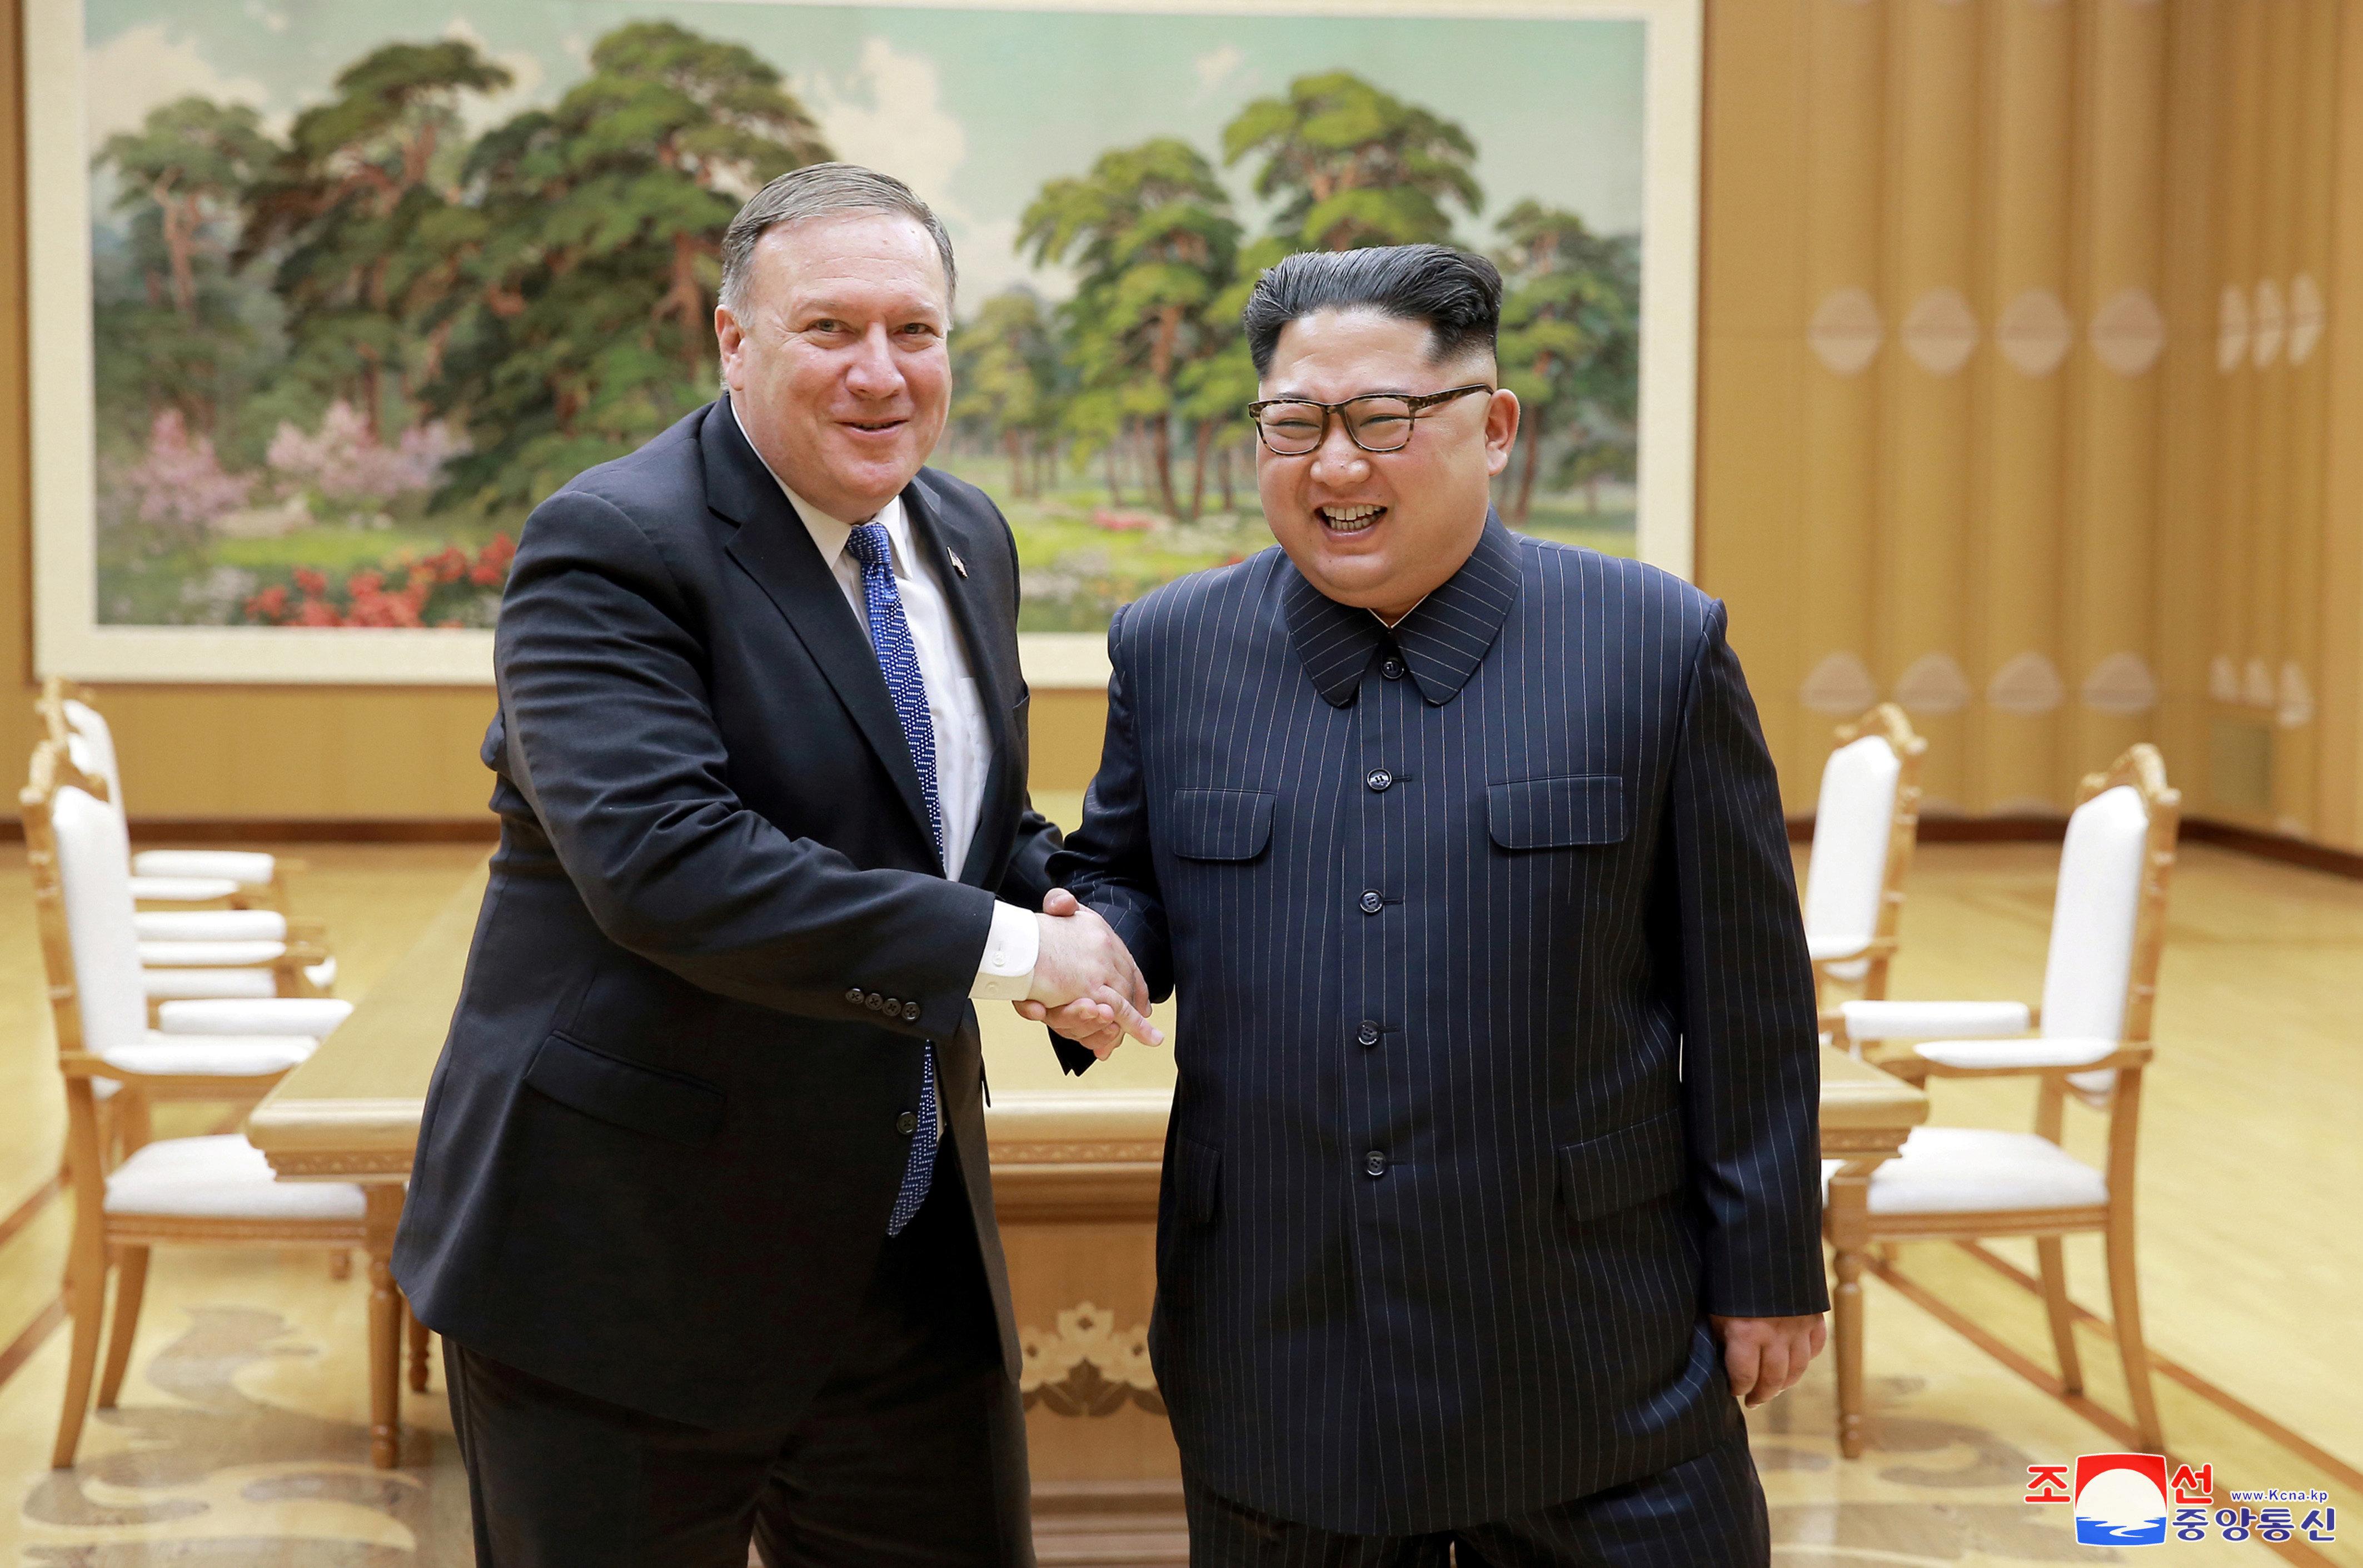 폼페이오 장관이 북한의 장밋빛 미래를